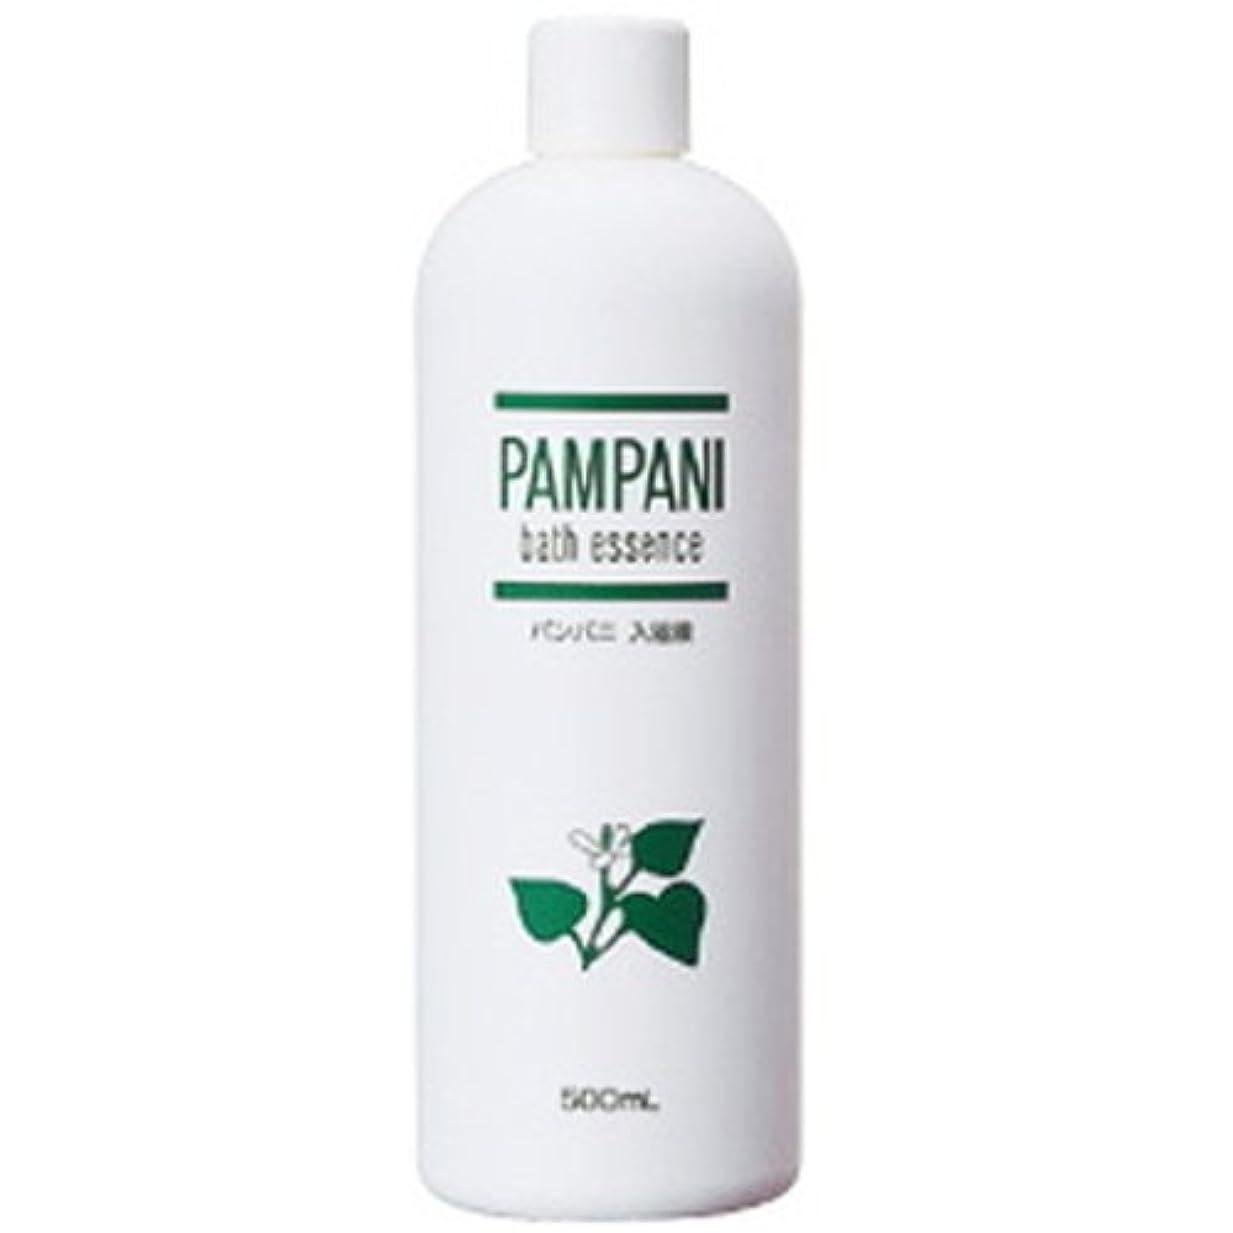 口述ぺディカブバラ色パンパニ(PAMPANI) 入浴液(希釈タイプ) 500ml